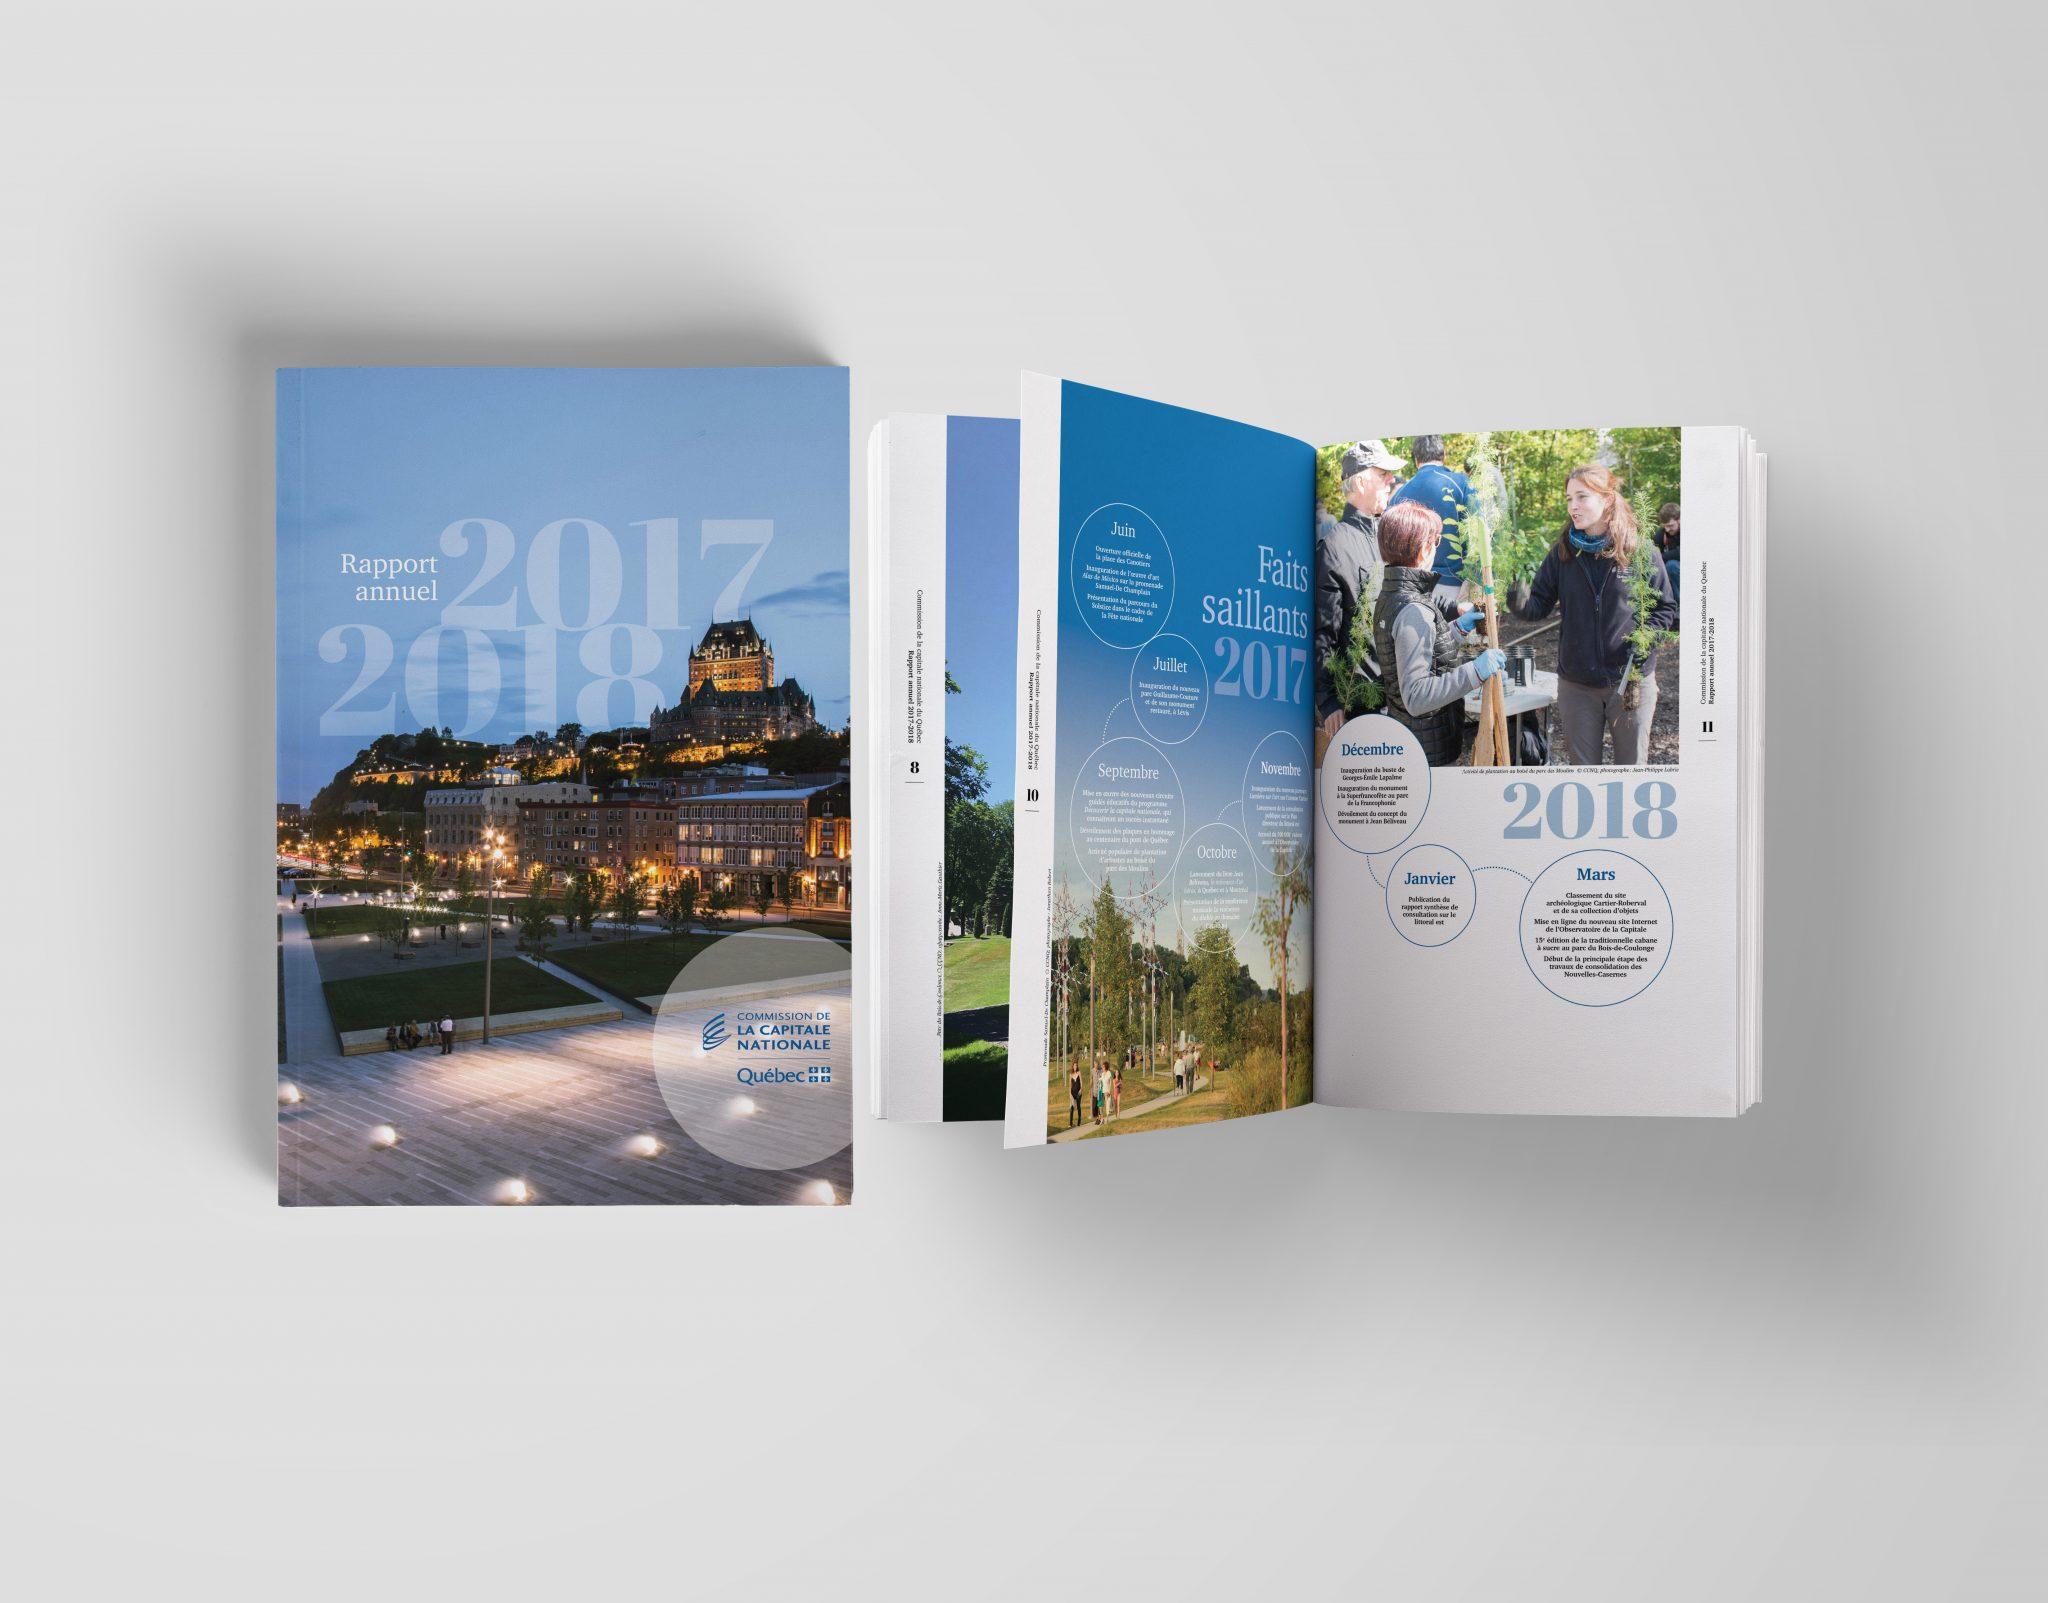 Rapport annuel : Commission de la Capitale nationale